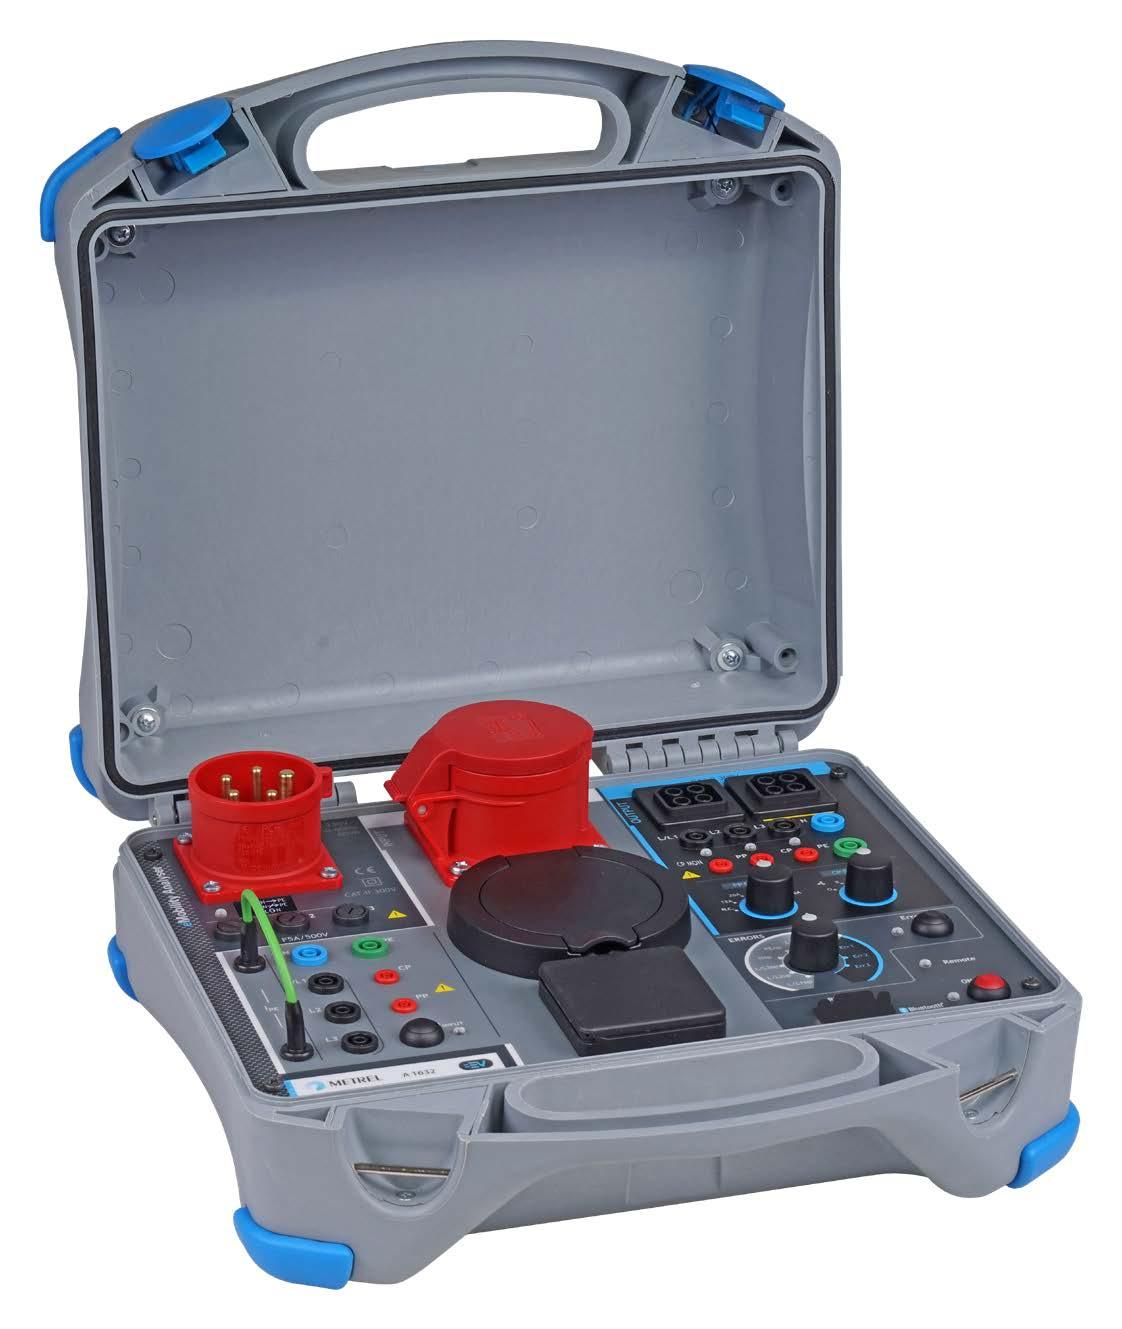 Wallbox24 eMobility Analyser Metrel A1632 Adapter für Ladesäulen LadekabeI Prüfungen